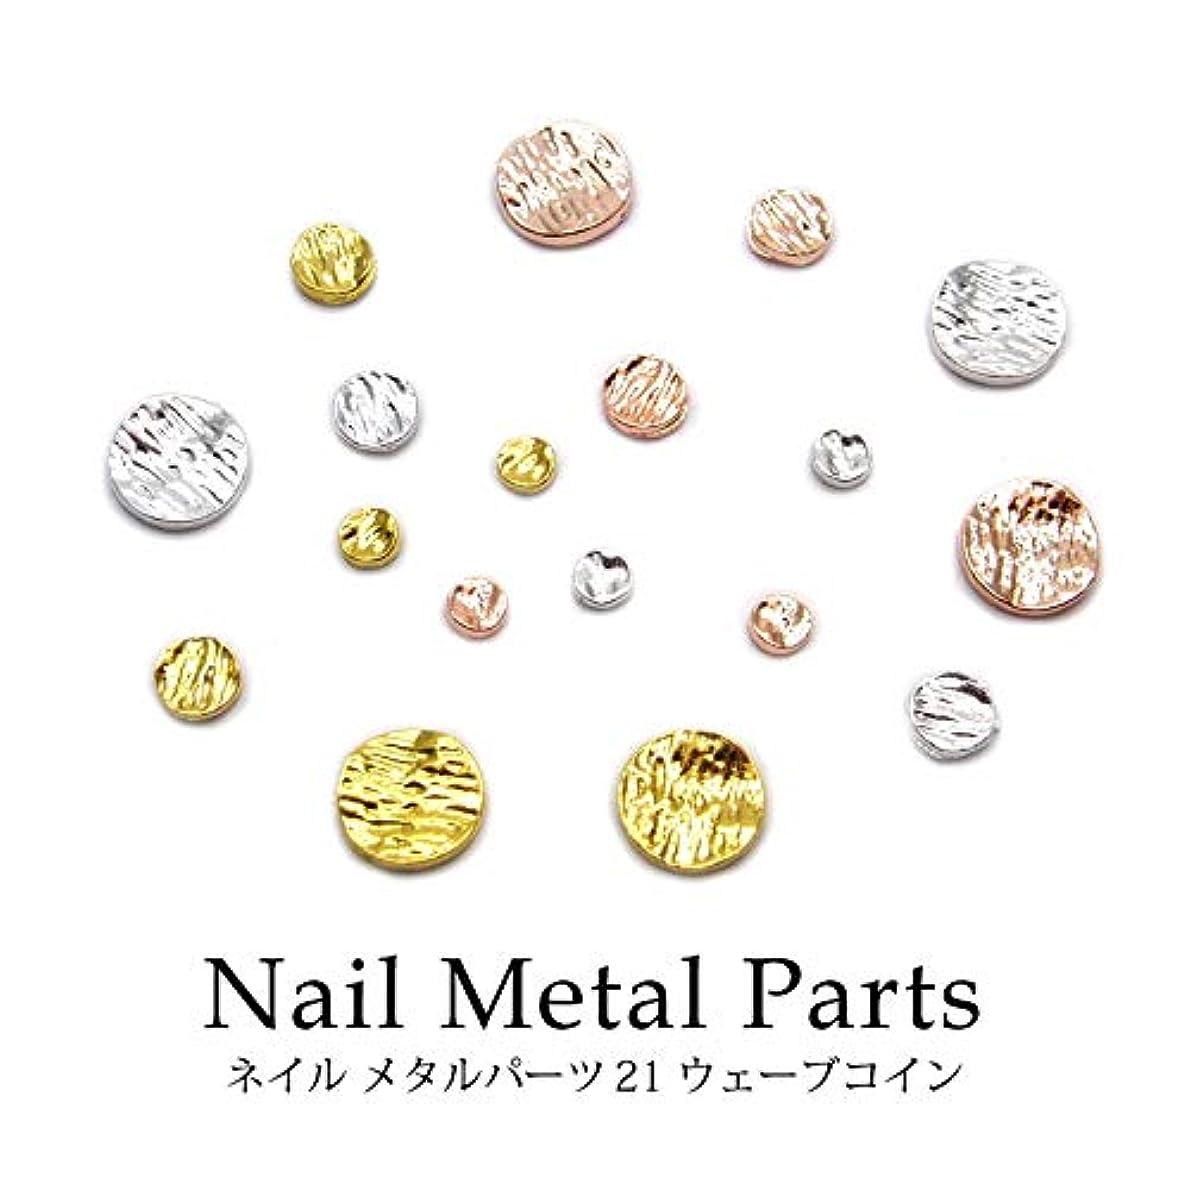 耕すくま人道的ネイル メタルパーツ 21 ウェーブコイン 各種 5個入り (ピンクゴールド, 1.小(約3mm))